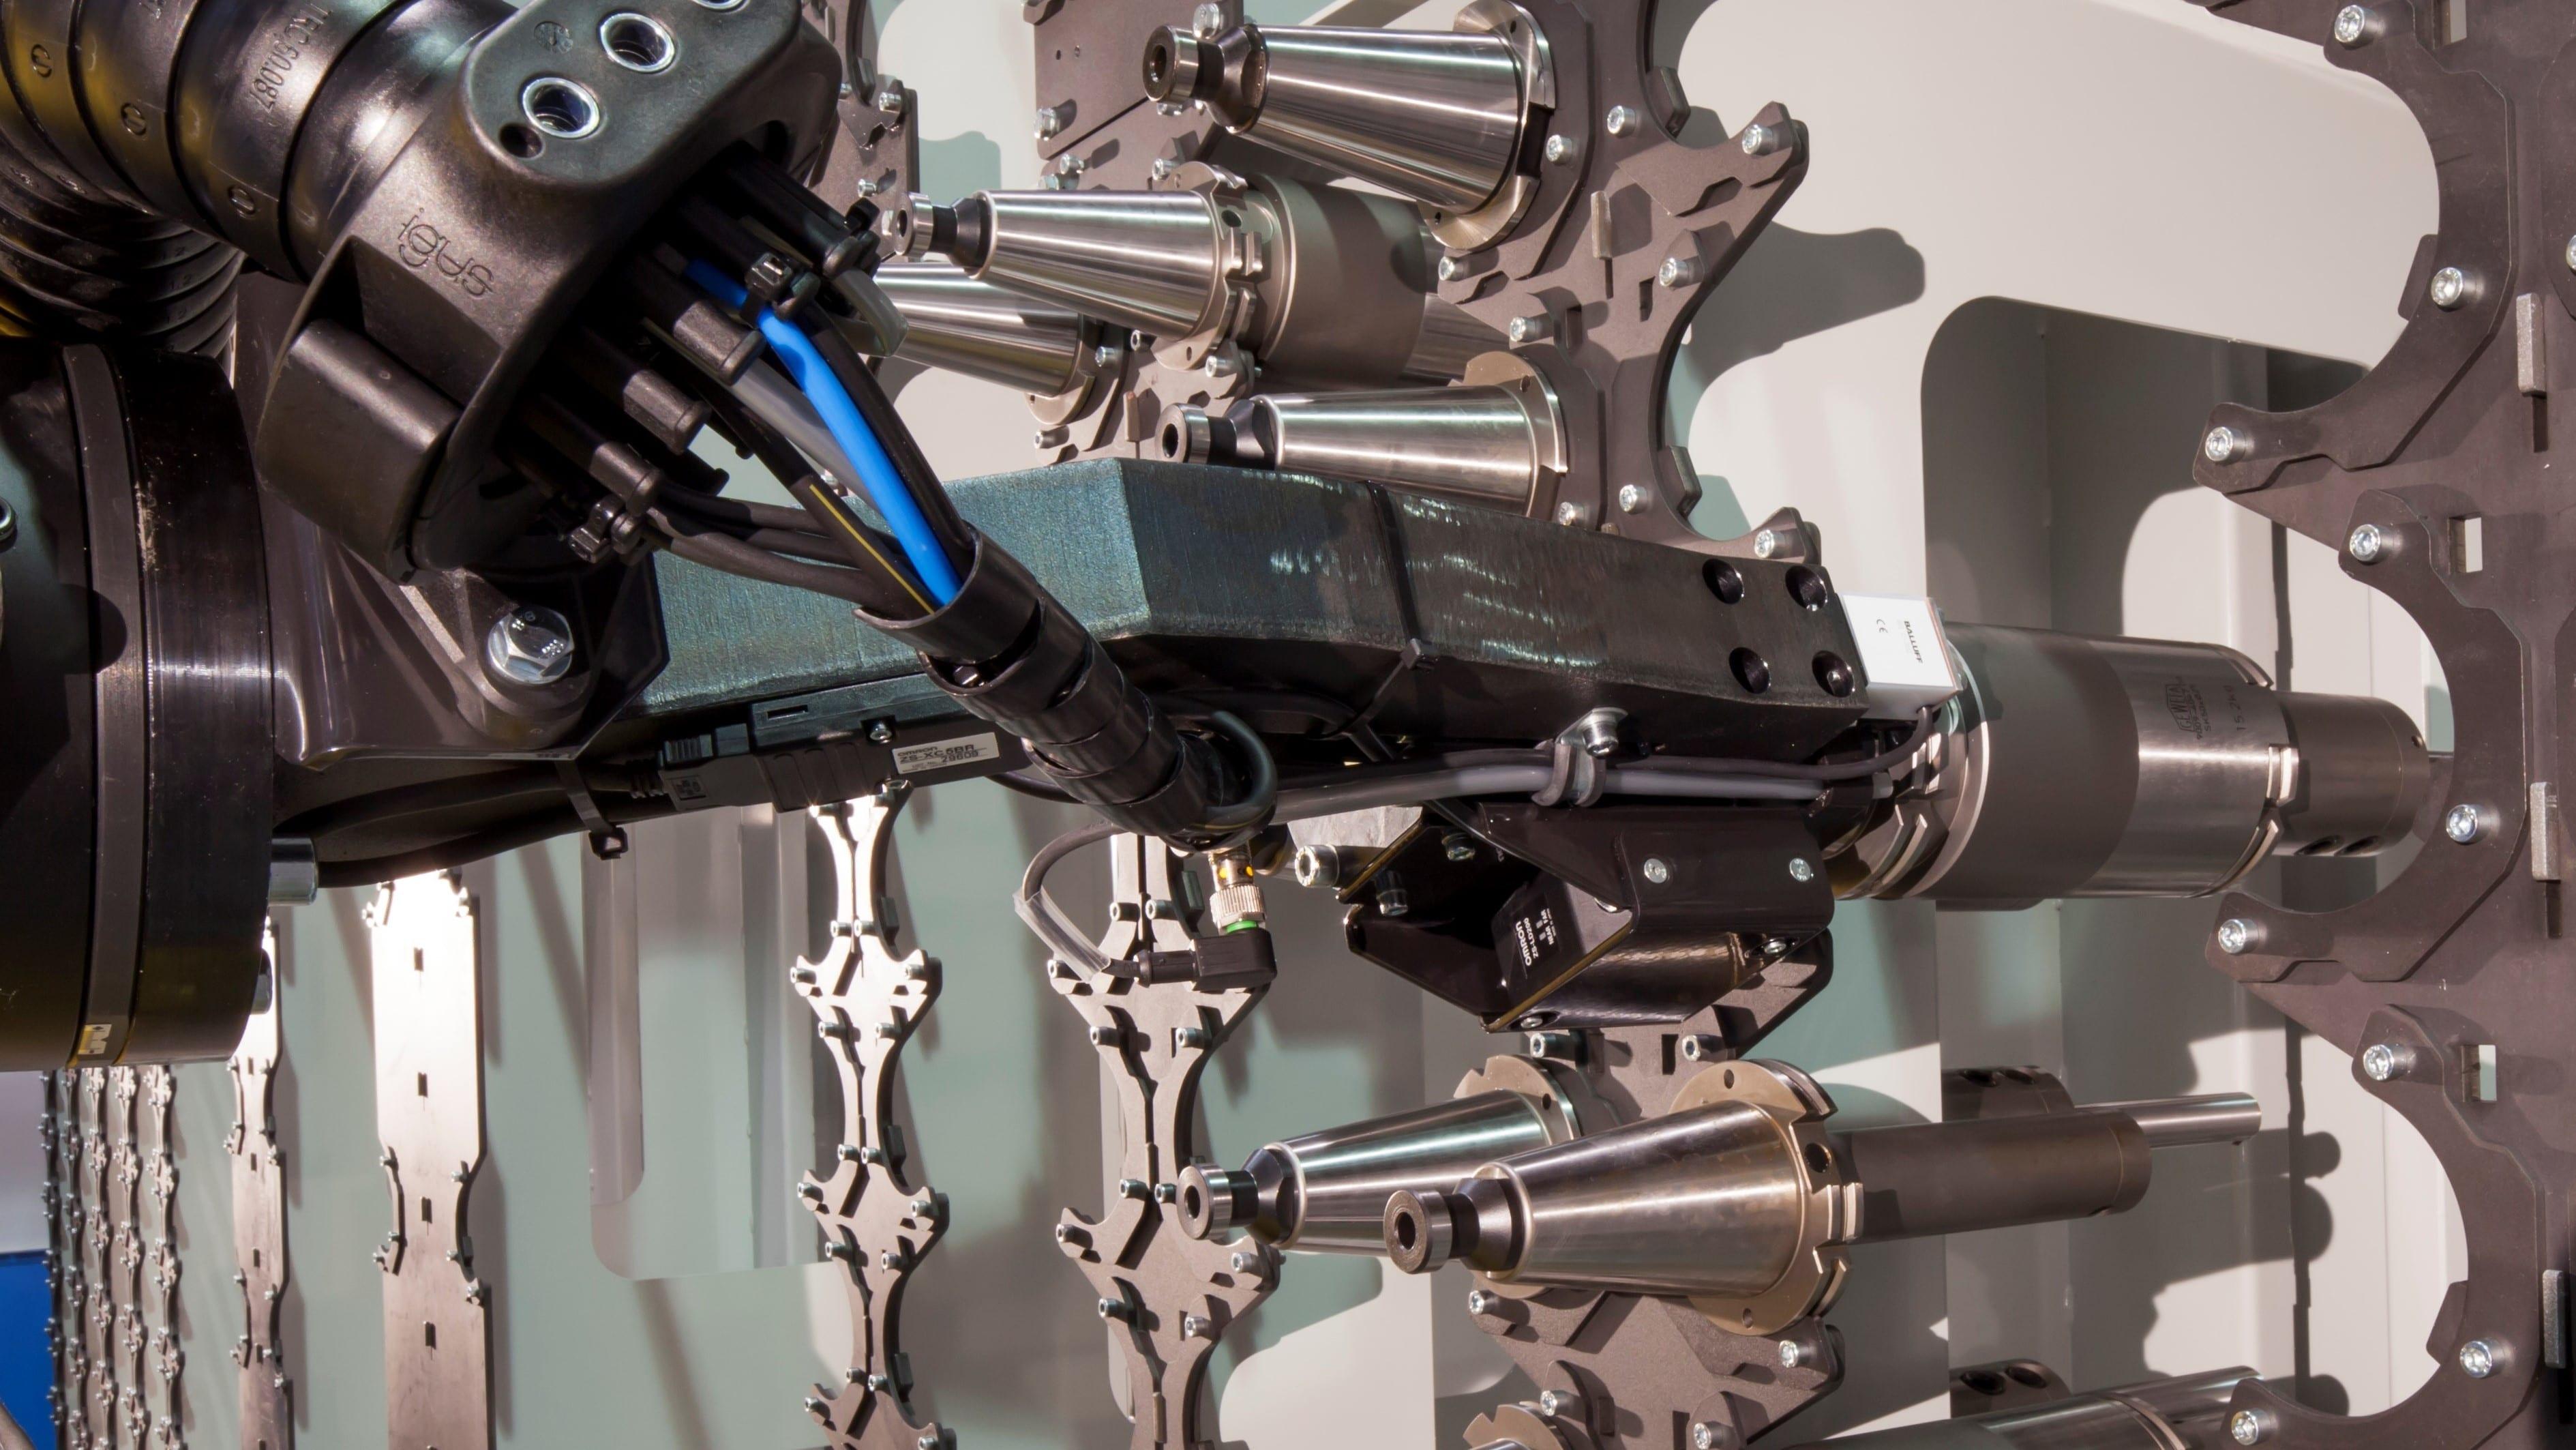 Integrieren Sie Werkzeugautomatisierung, automatisiertes Laden, Waschen, Markieren, Messen und andere Prozesse in Ihr Roboter-FMS.